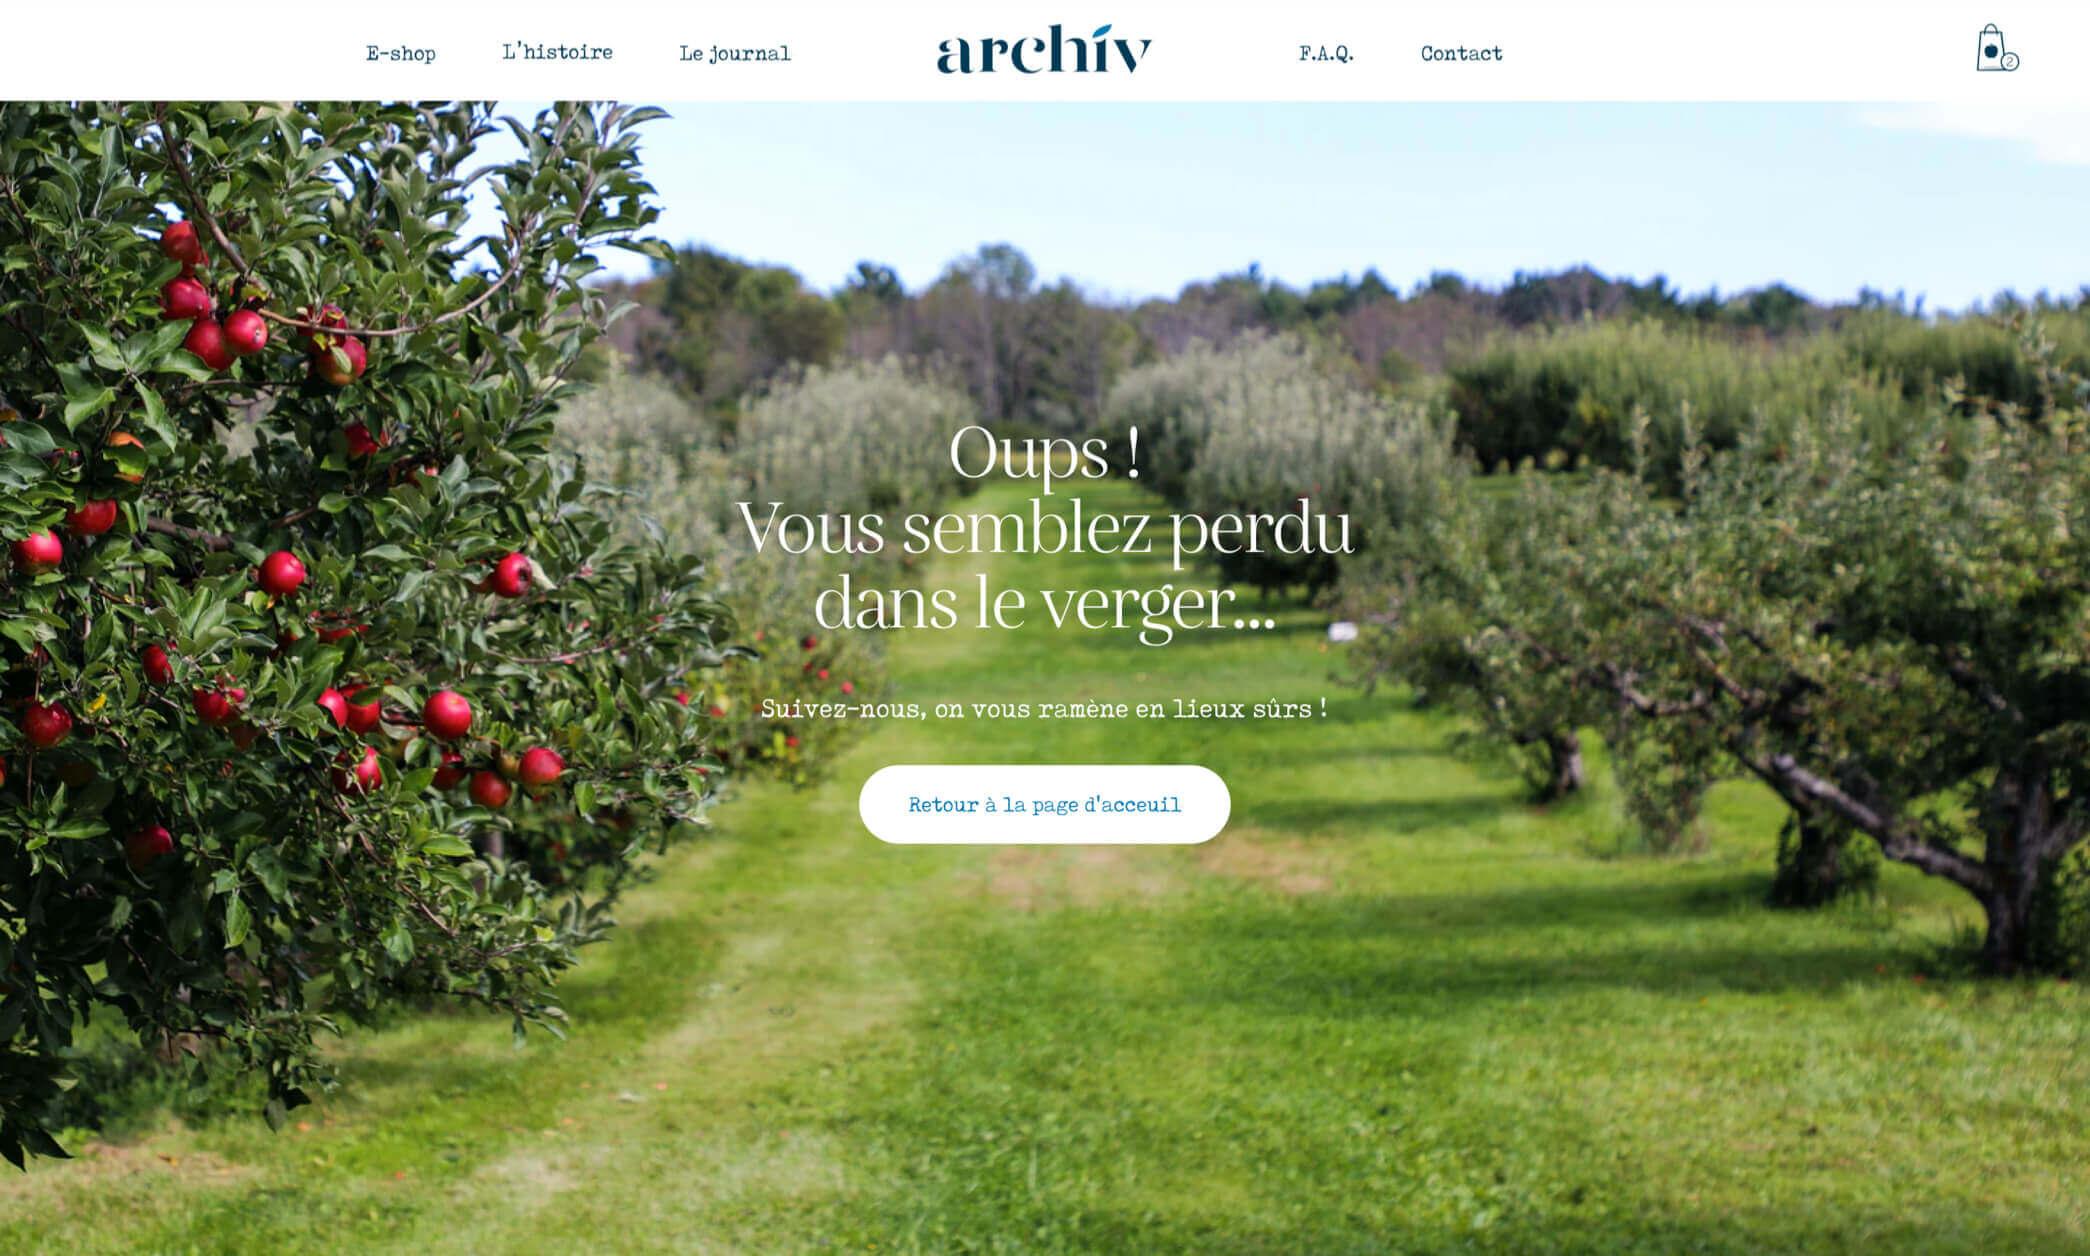 Page 404 du ecommerce de ArchiV